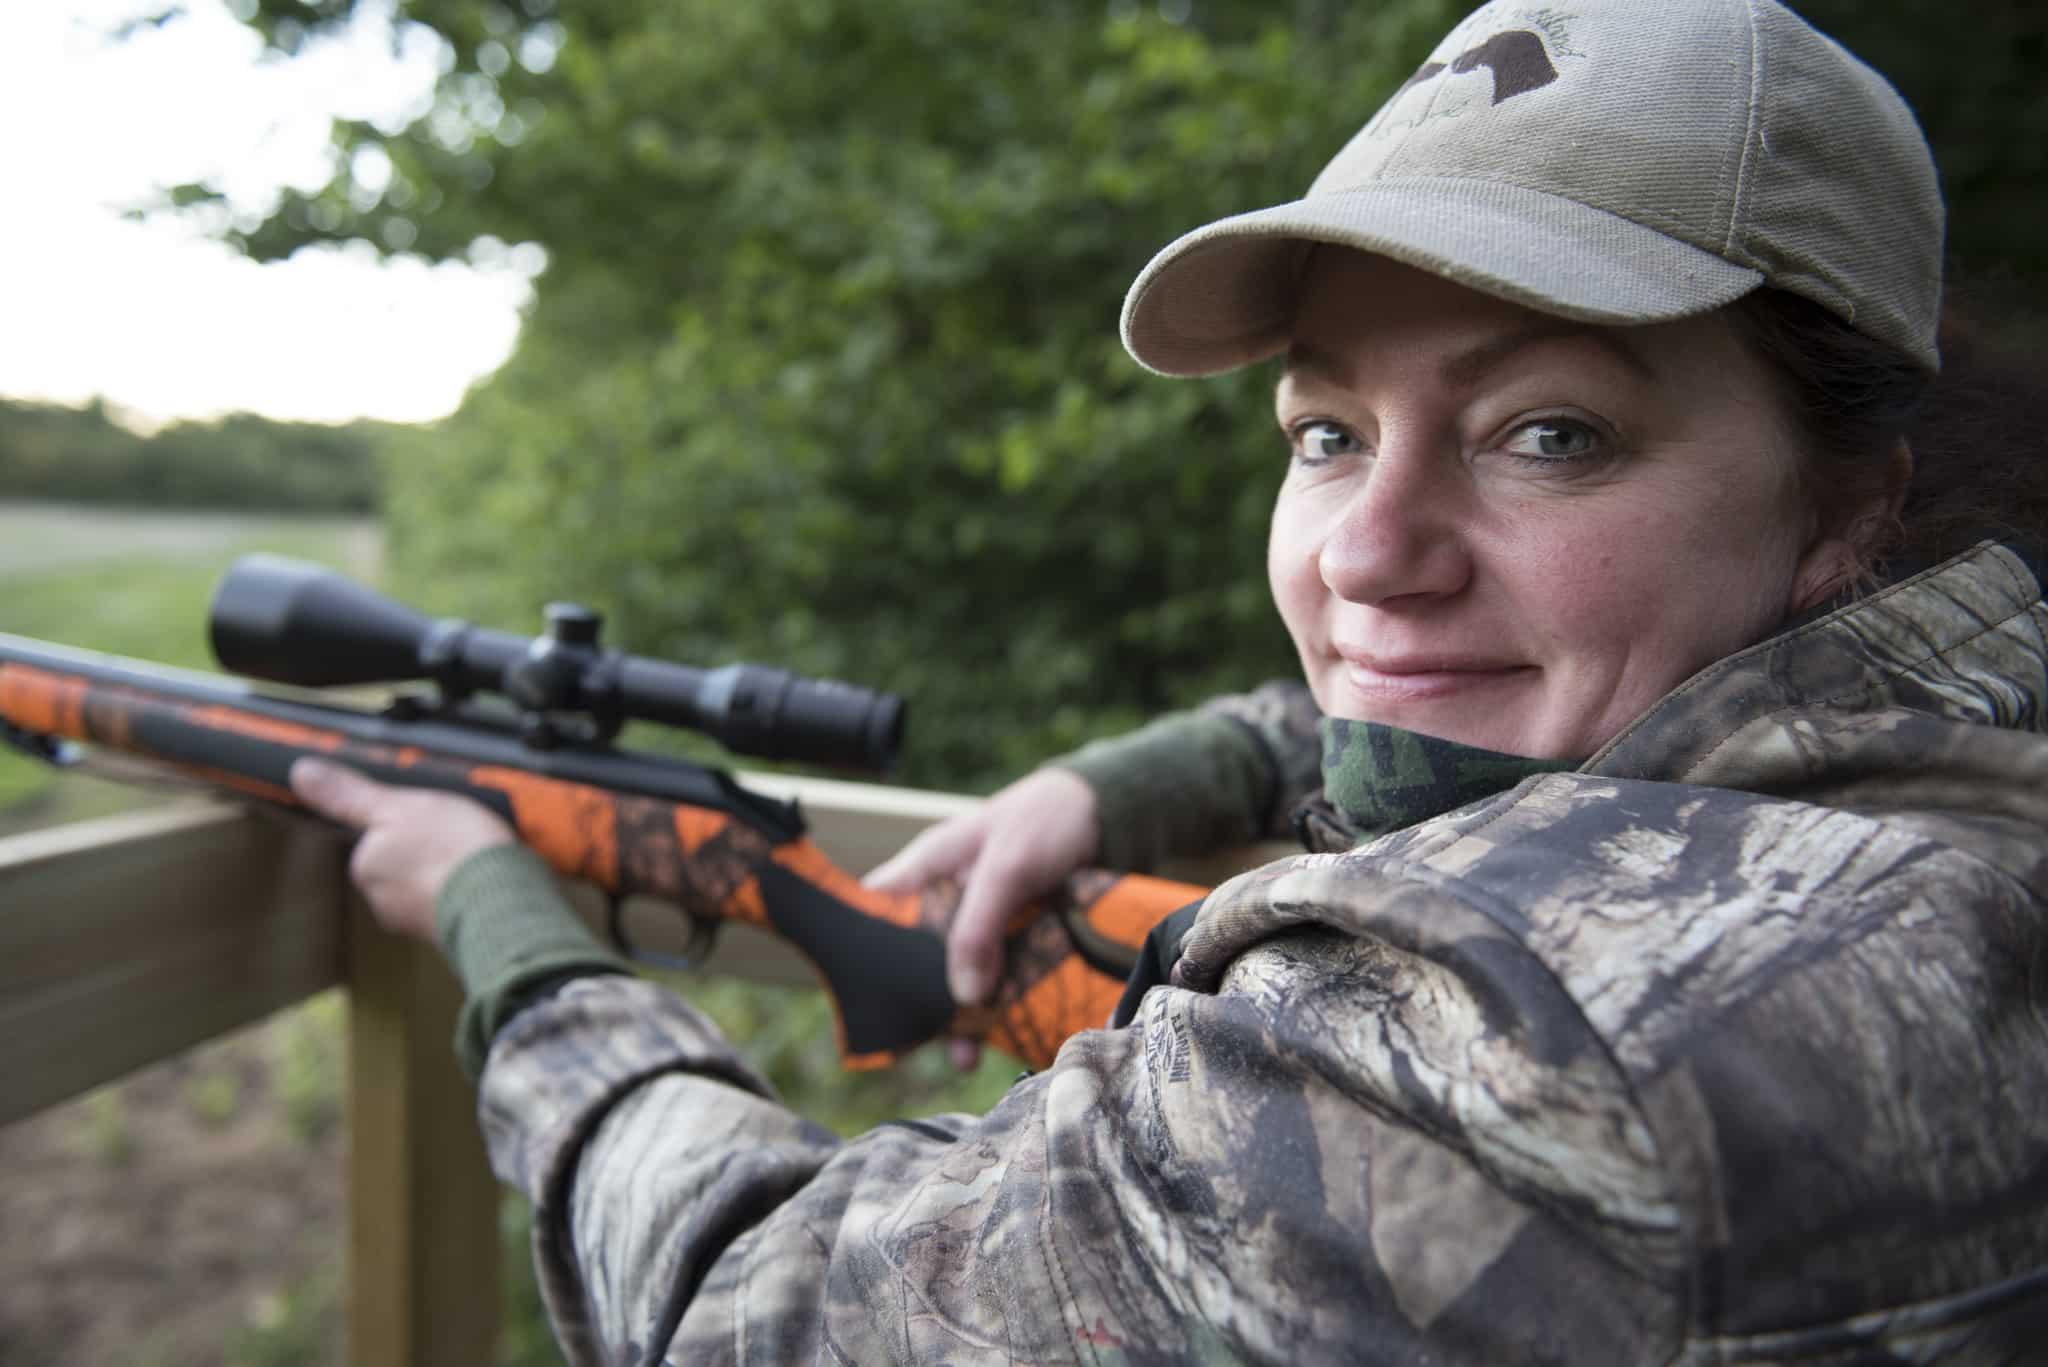 Jägaren Erica Lindquist har som aktiv i NVR tagit fram ett informationsmaterial om viltolyckor för nyanlända.